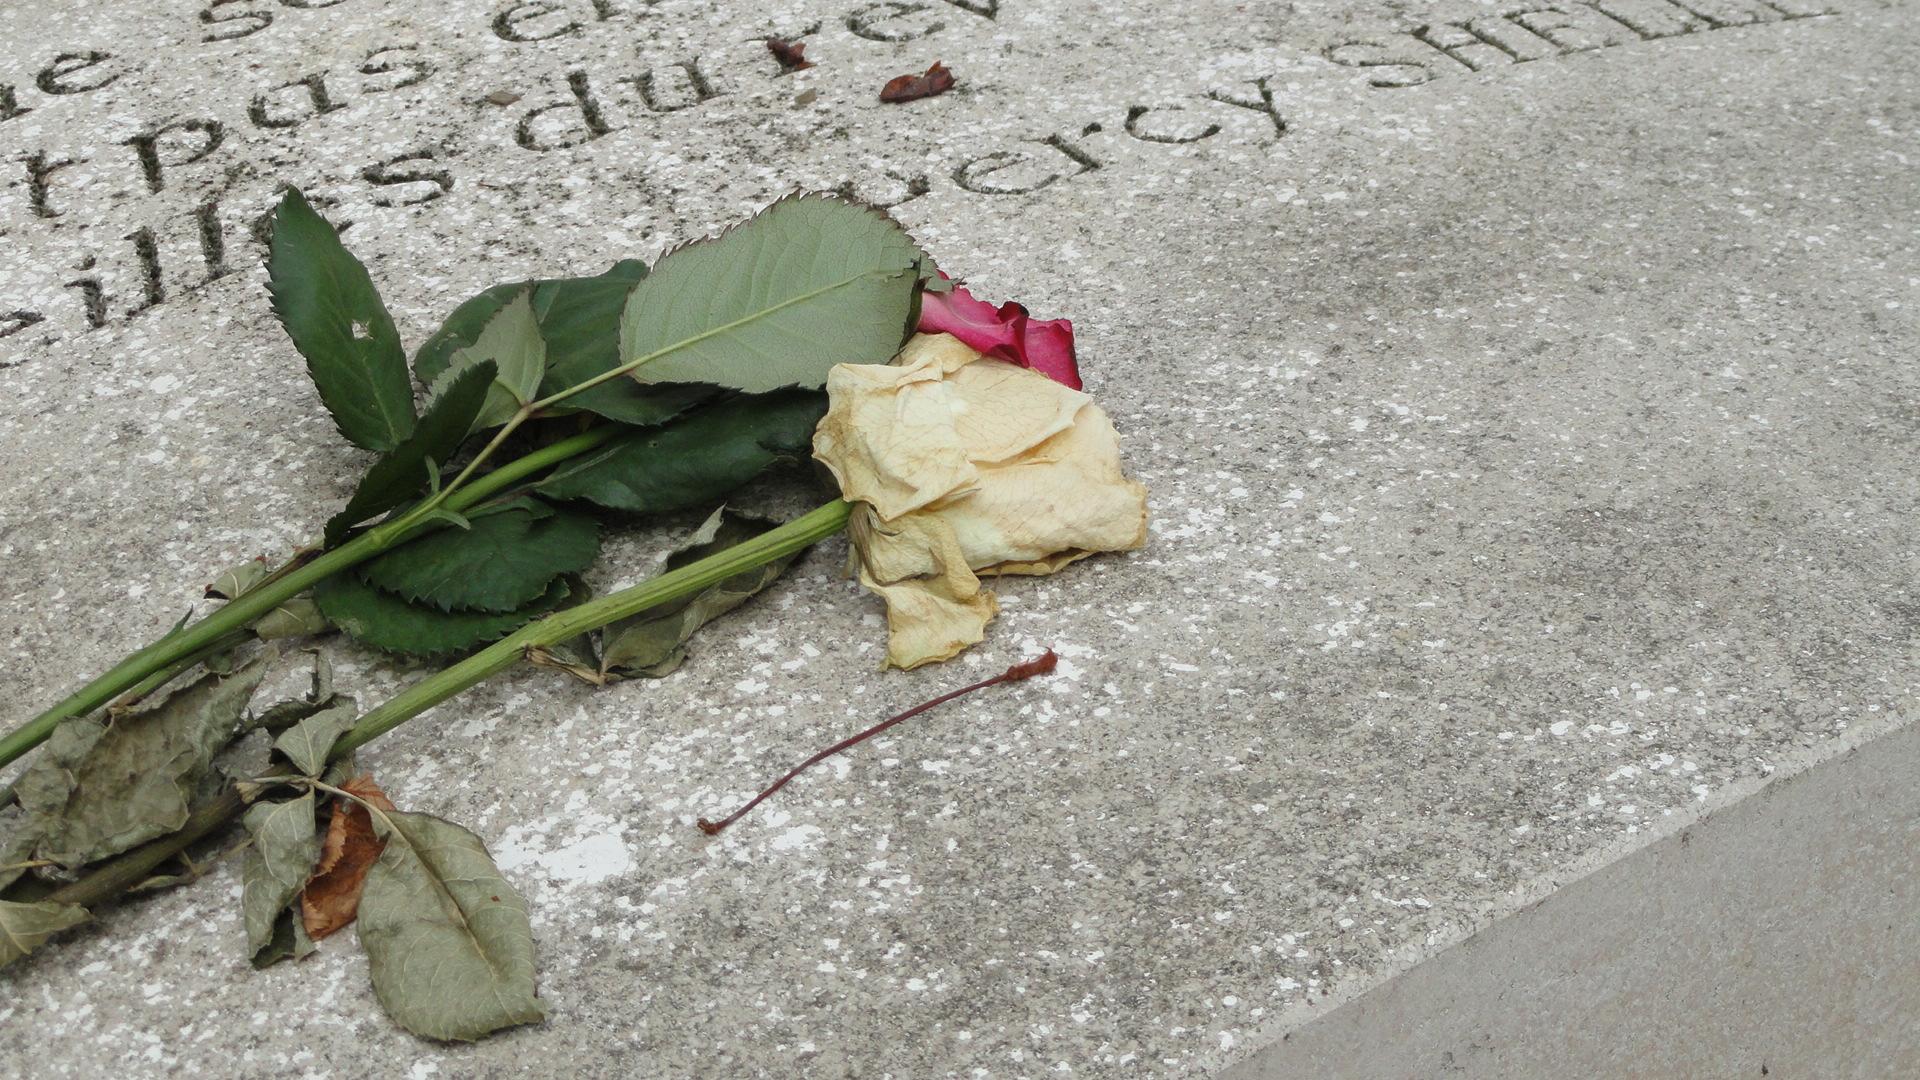 Le cimetière du Père Lachaise - Tombe de Marie Trintignant - Fleurs